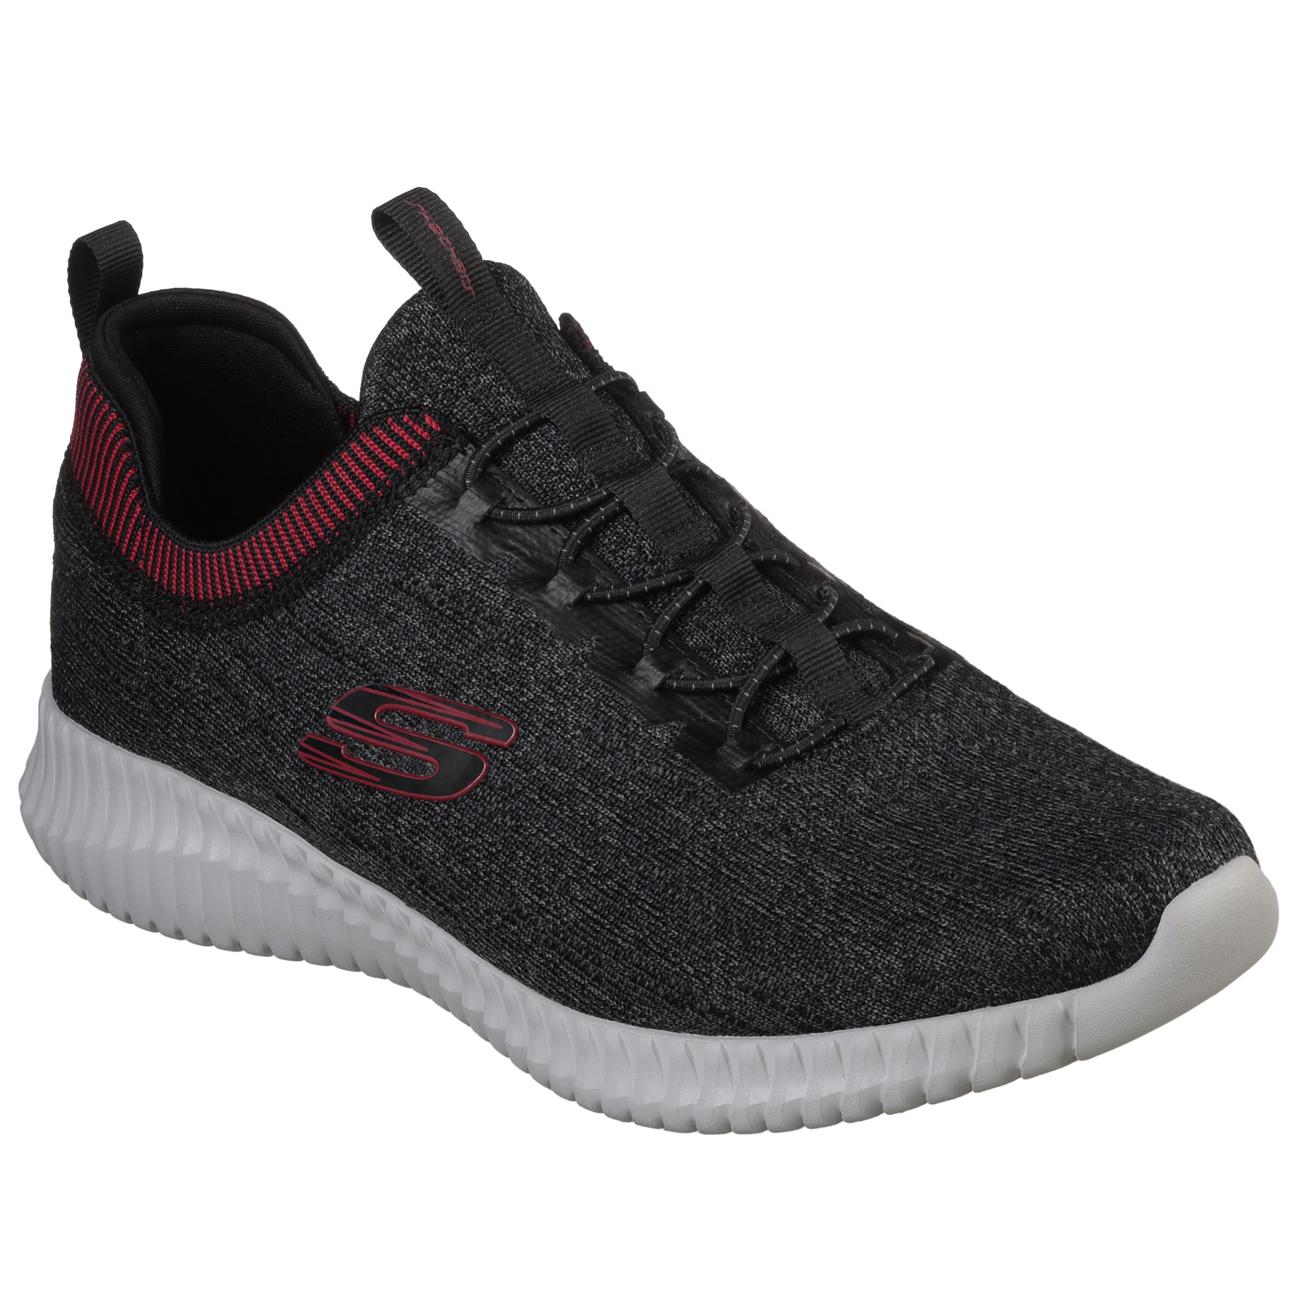 Da Uomo Skechers Elite Flex Hartnell Jogging Jogging Jogging Palestra Sport Fitness Scarpe da ginnastica Tutte Le Taglie 50e0ce